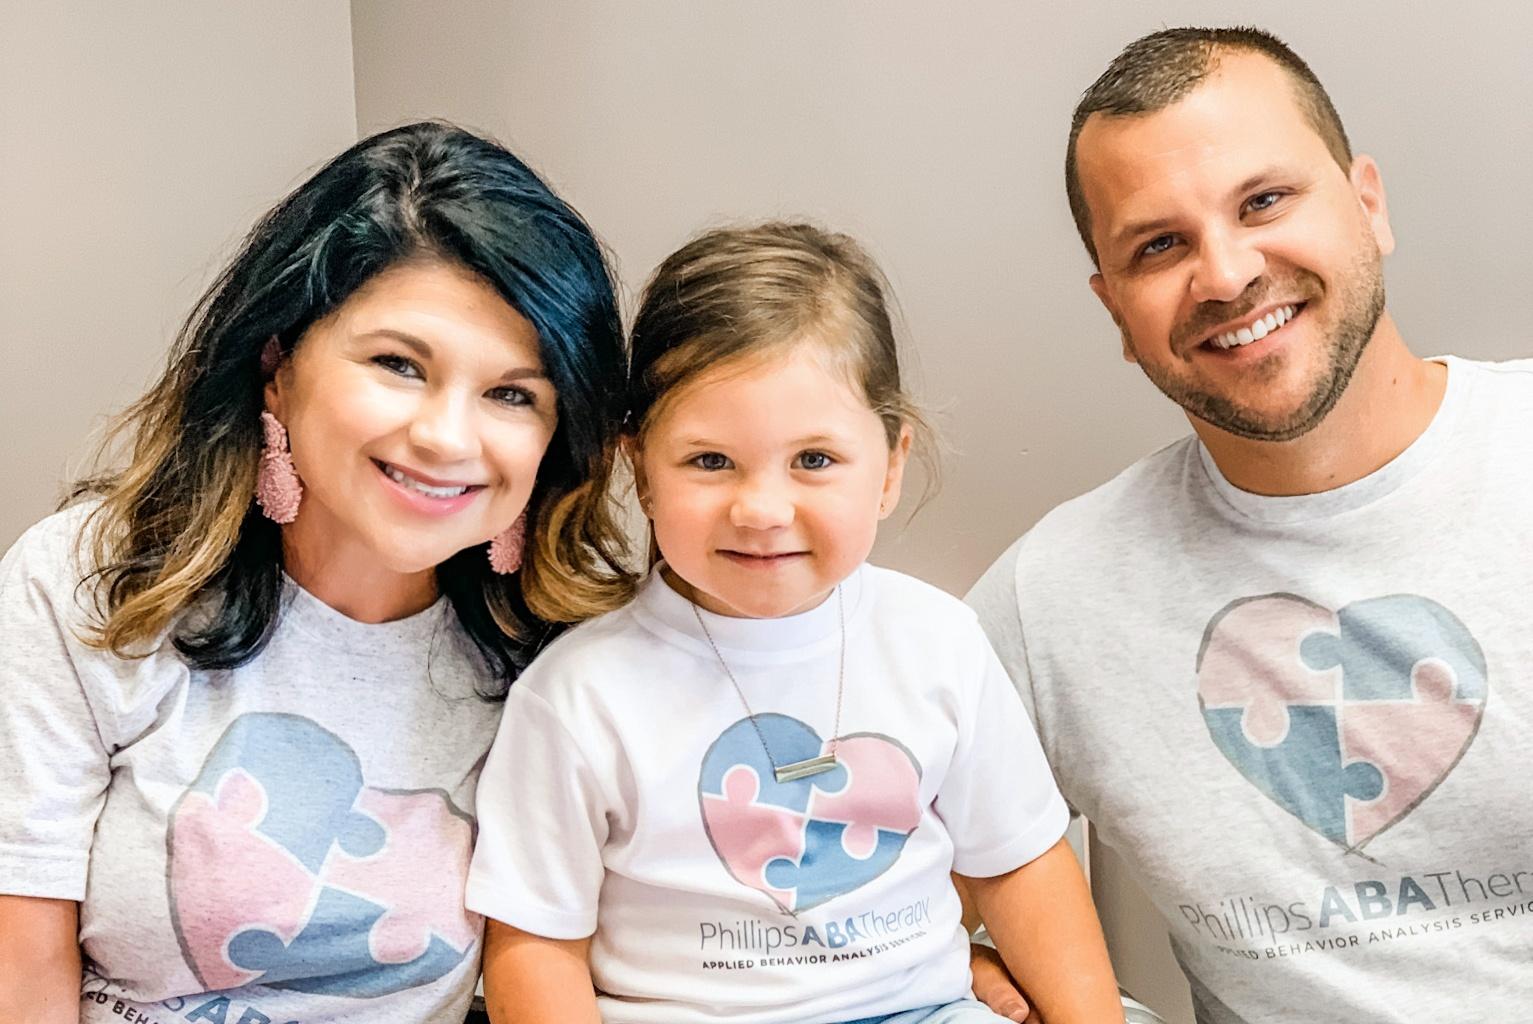 phillipsfamily2